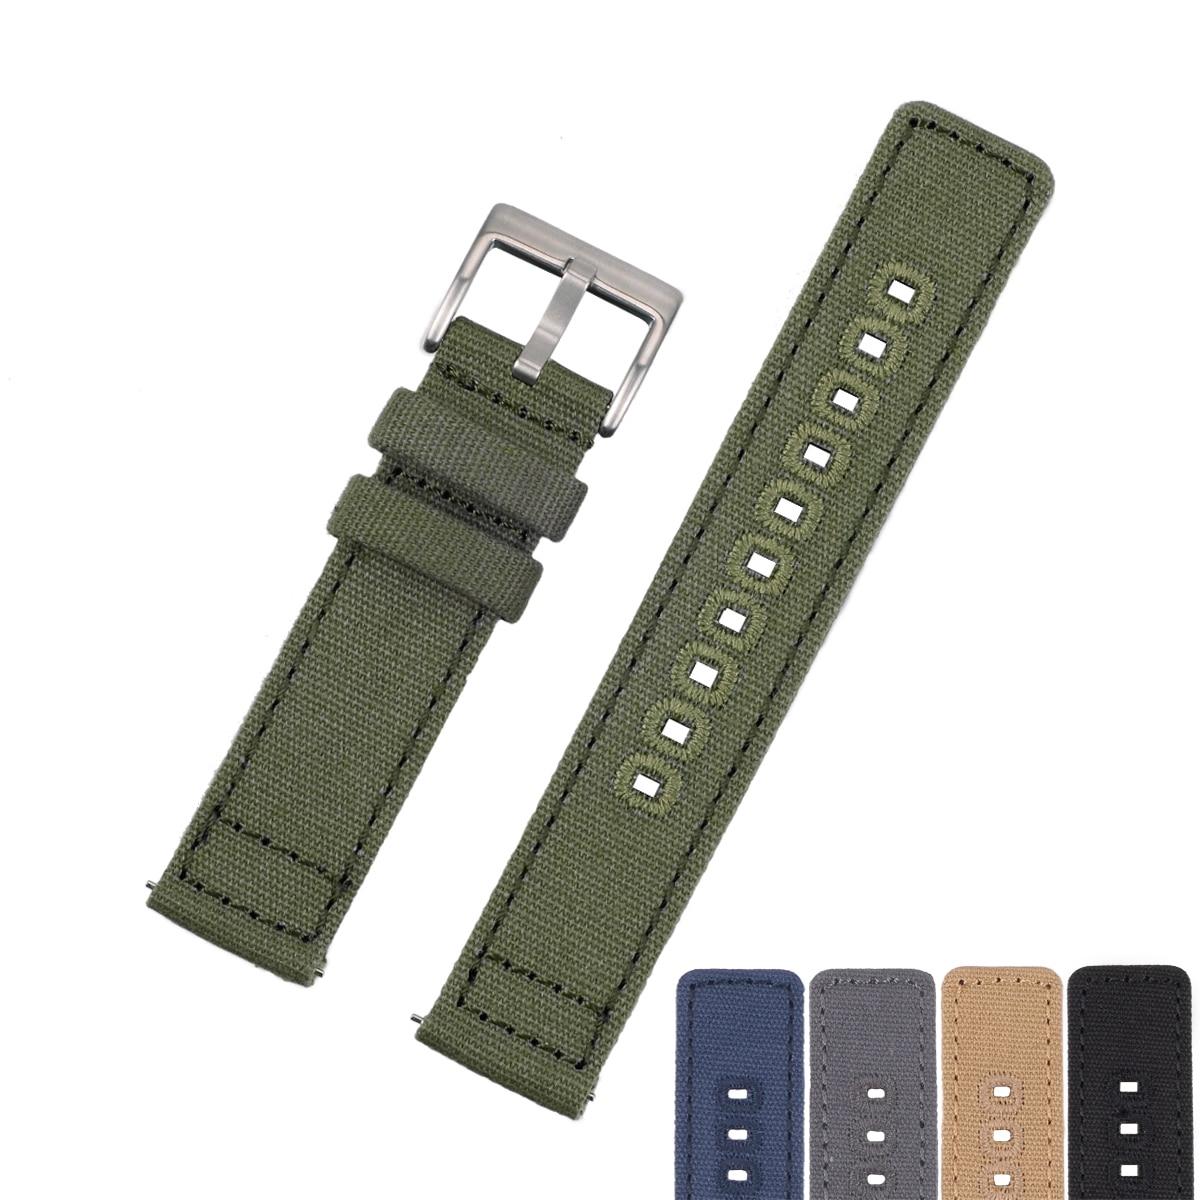 Тканевый ремешок для часов EACHE, с быстроразъемной пружиной, черный, зеленый, серый, хаки, синий, 20 мм, 22 мм